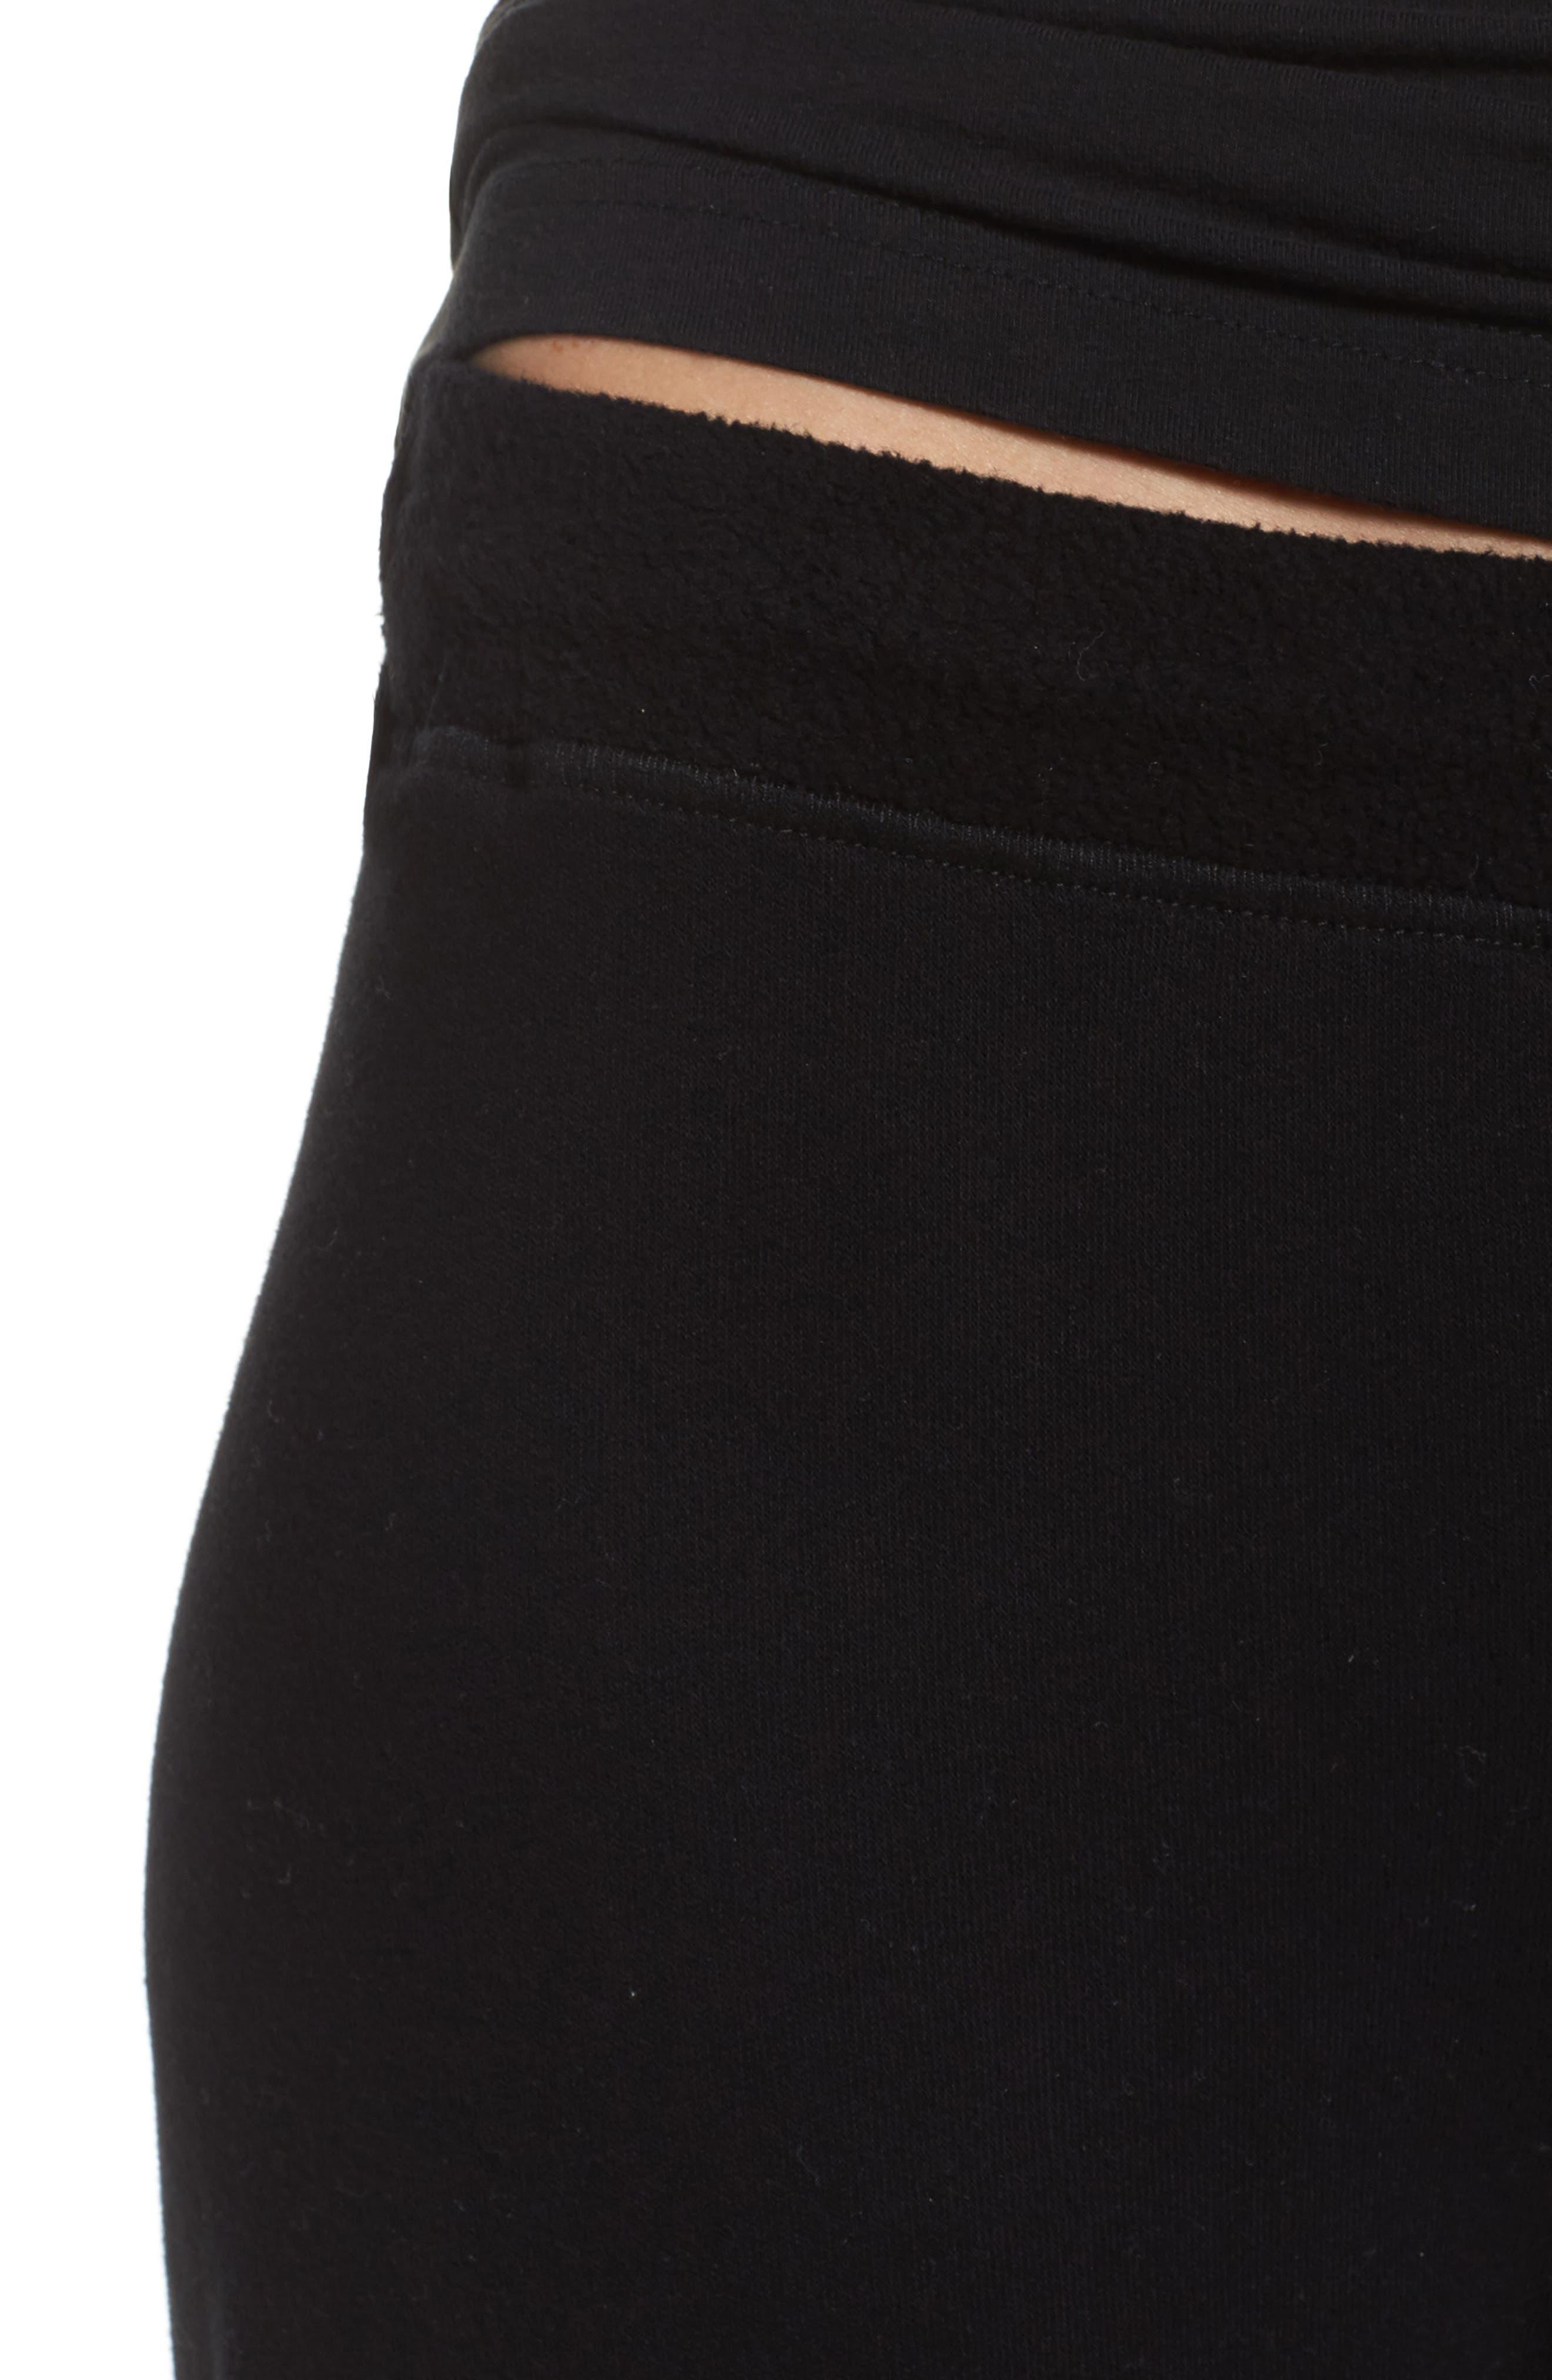 MICHAEL LAUREN,                             Plato Lounge Sweatpants,                             Alternate thumbnail 4, color,                             001